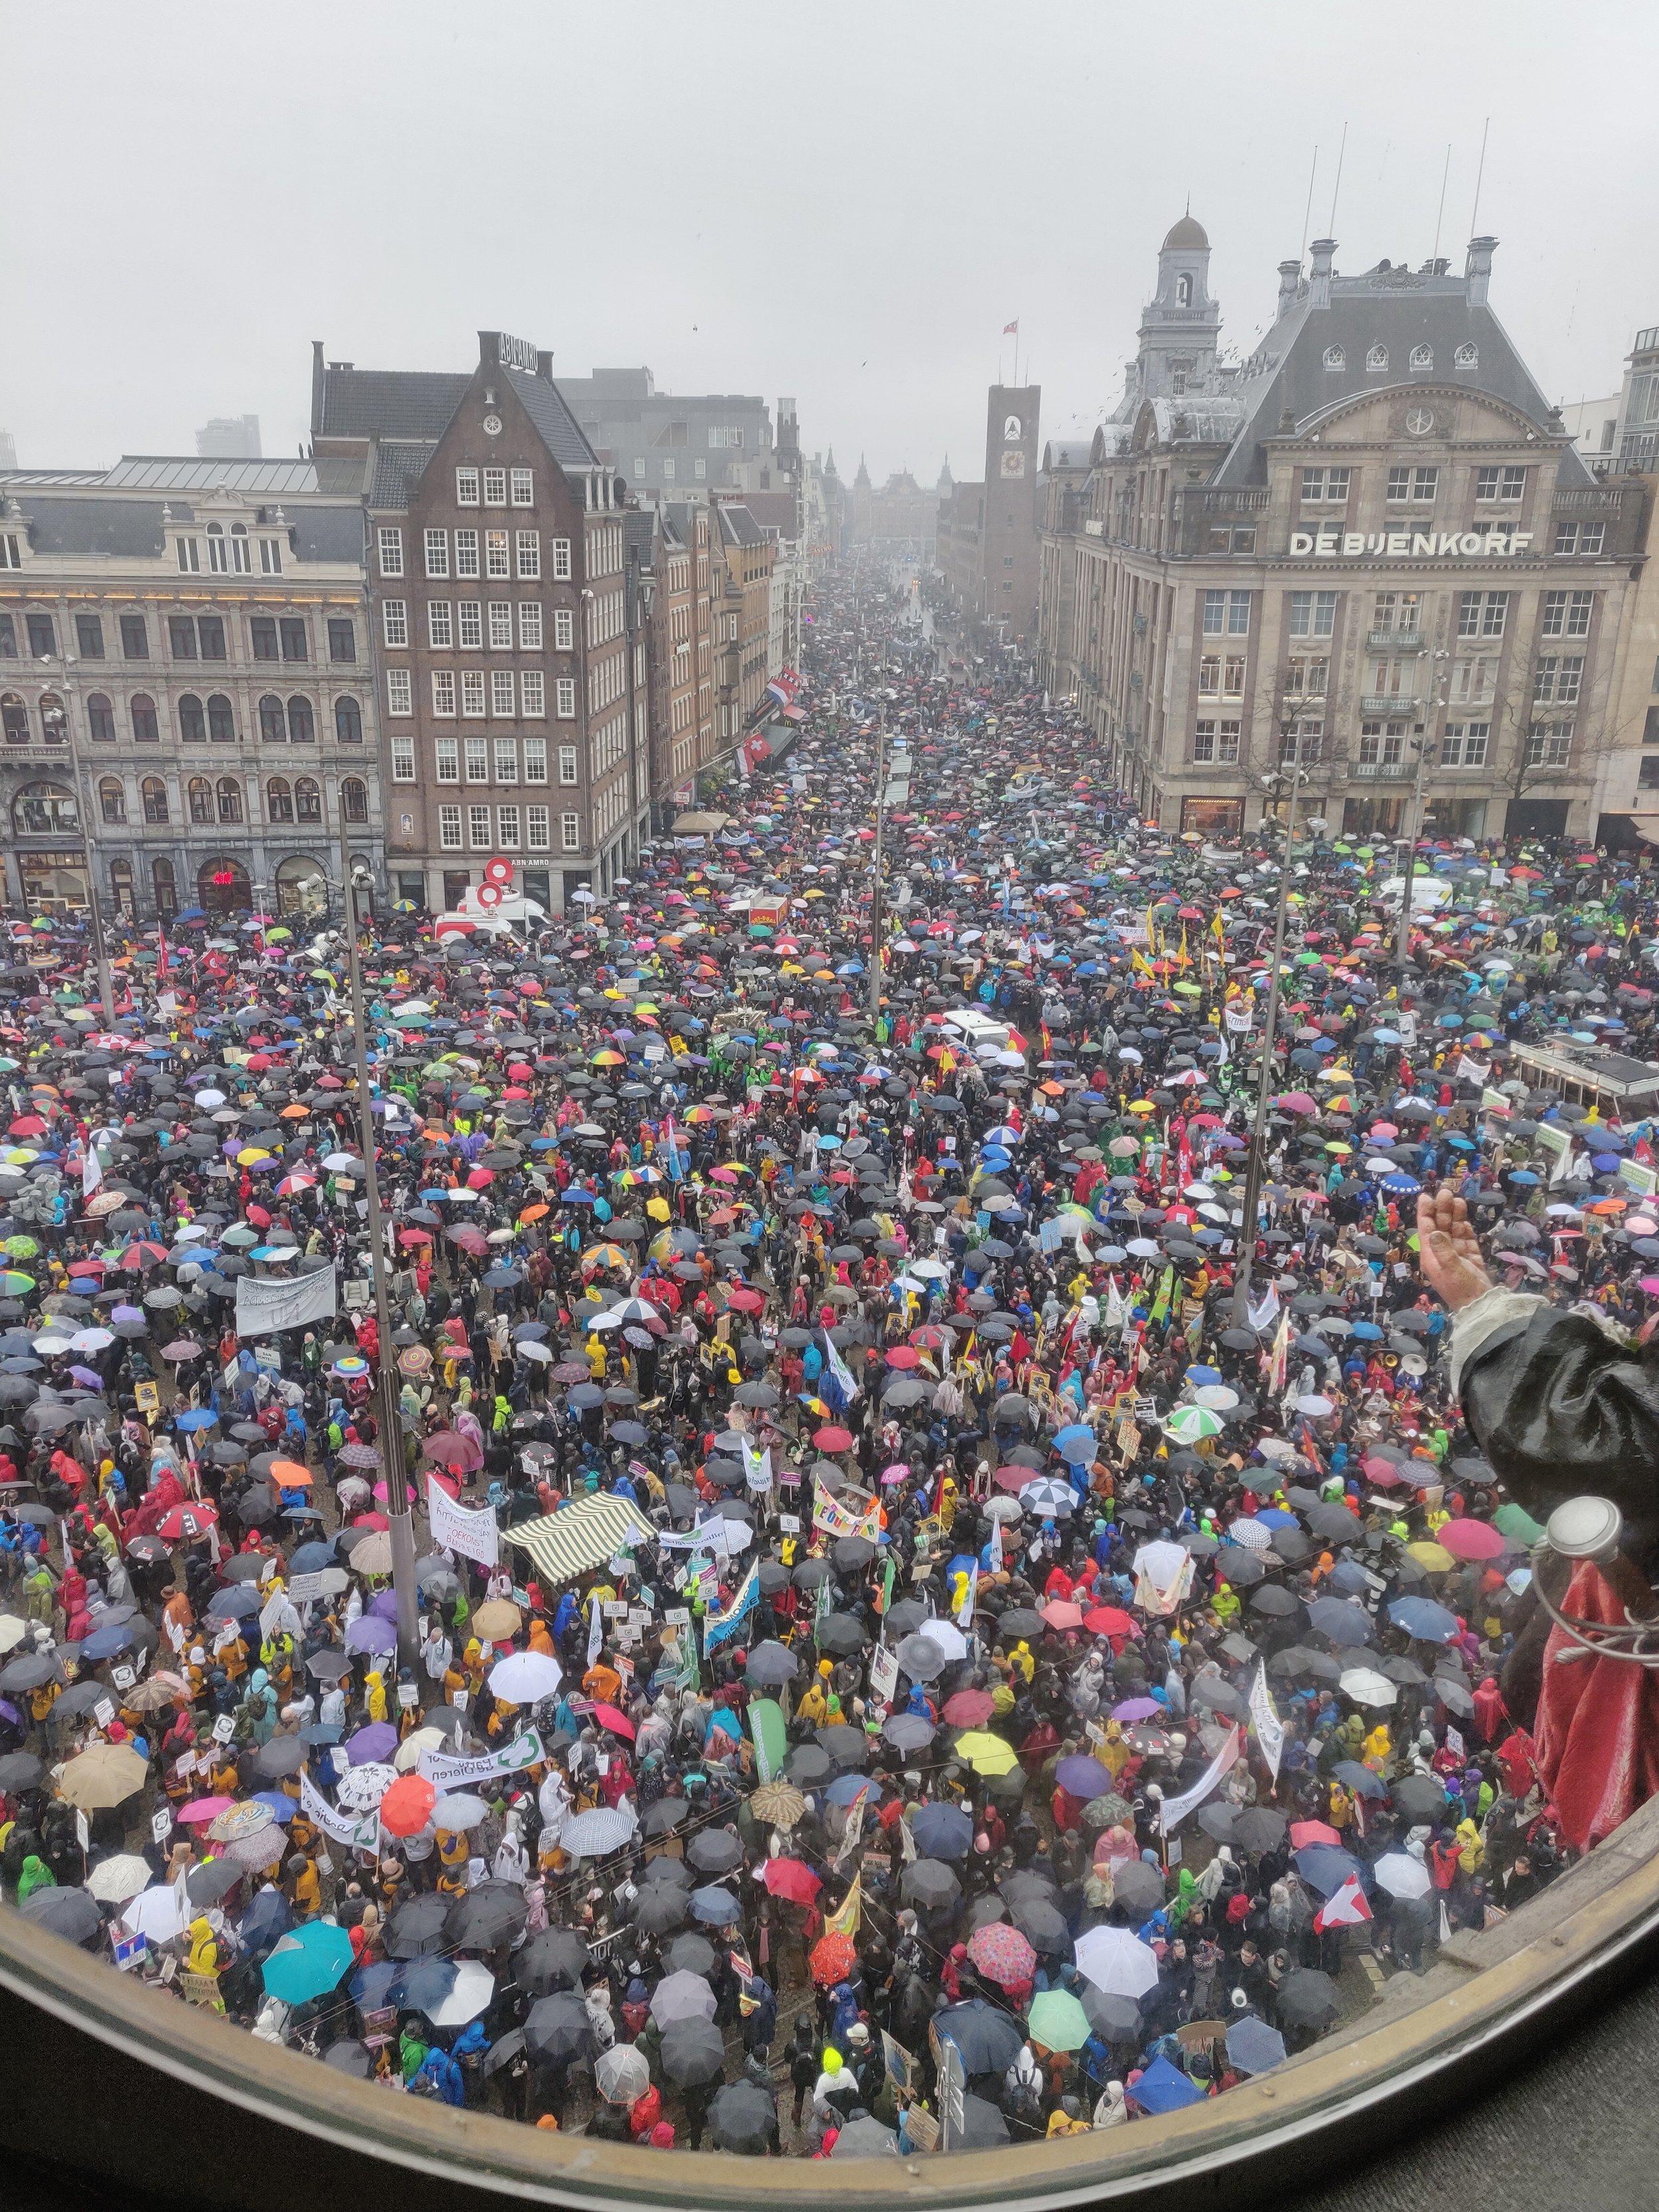 10 maart 2019 - De grootste klimaatdemonstratie van Nederland